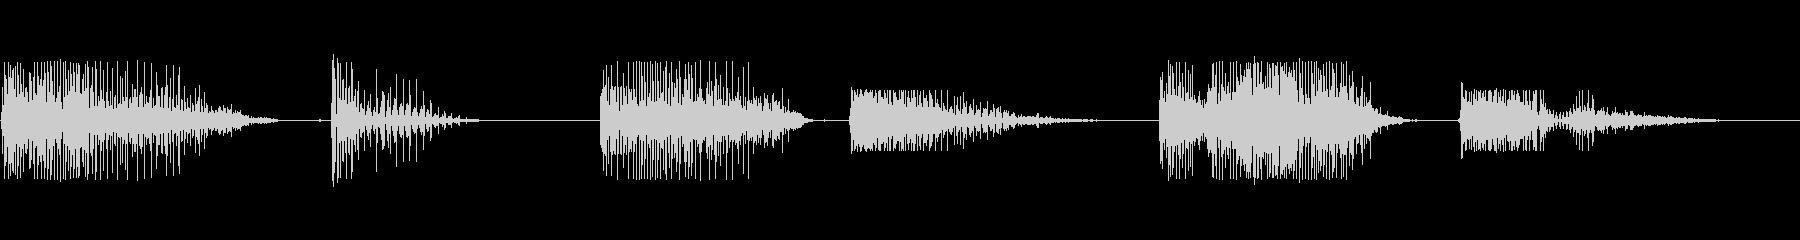 男のいびき(口を開けたまま)の未再生の波形